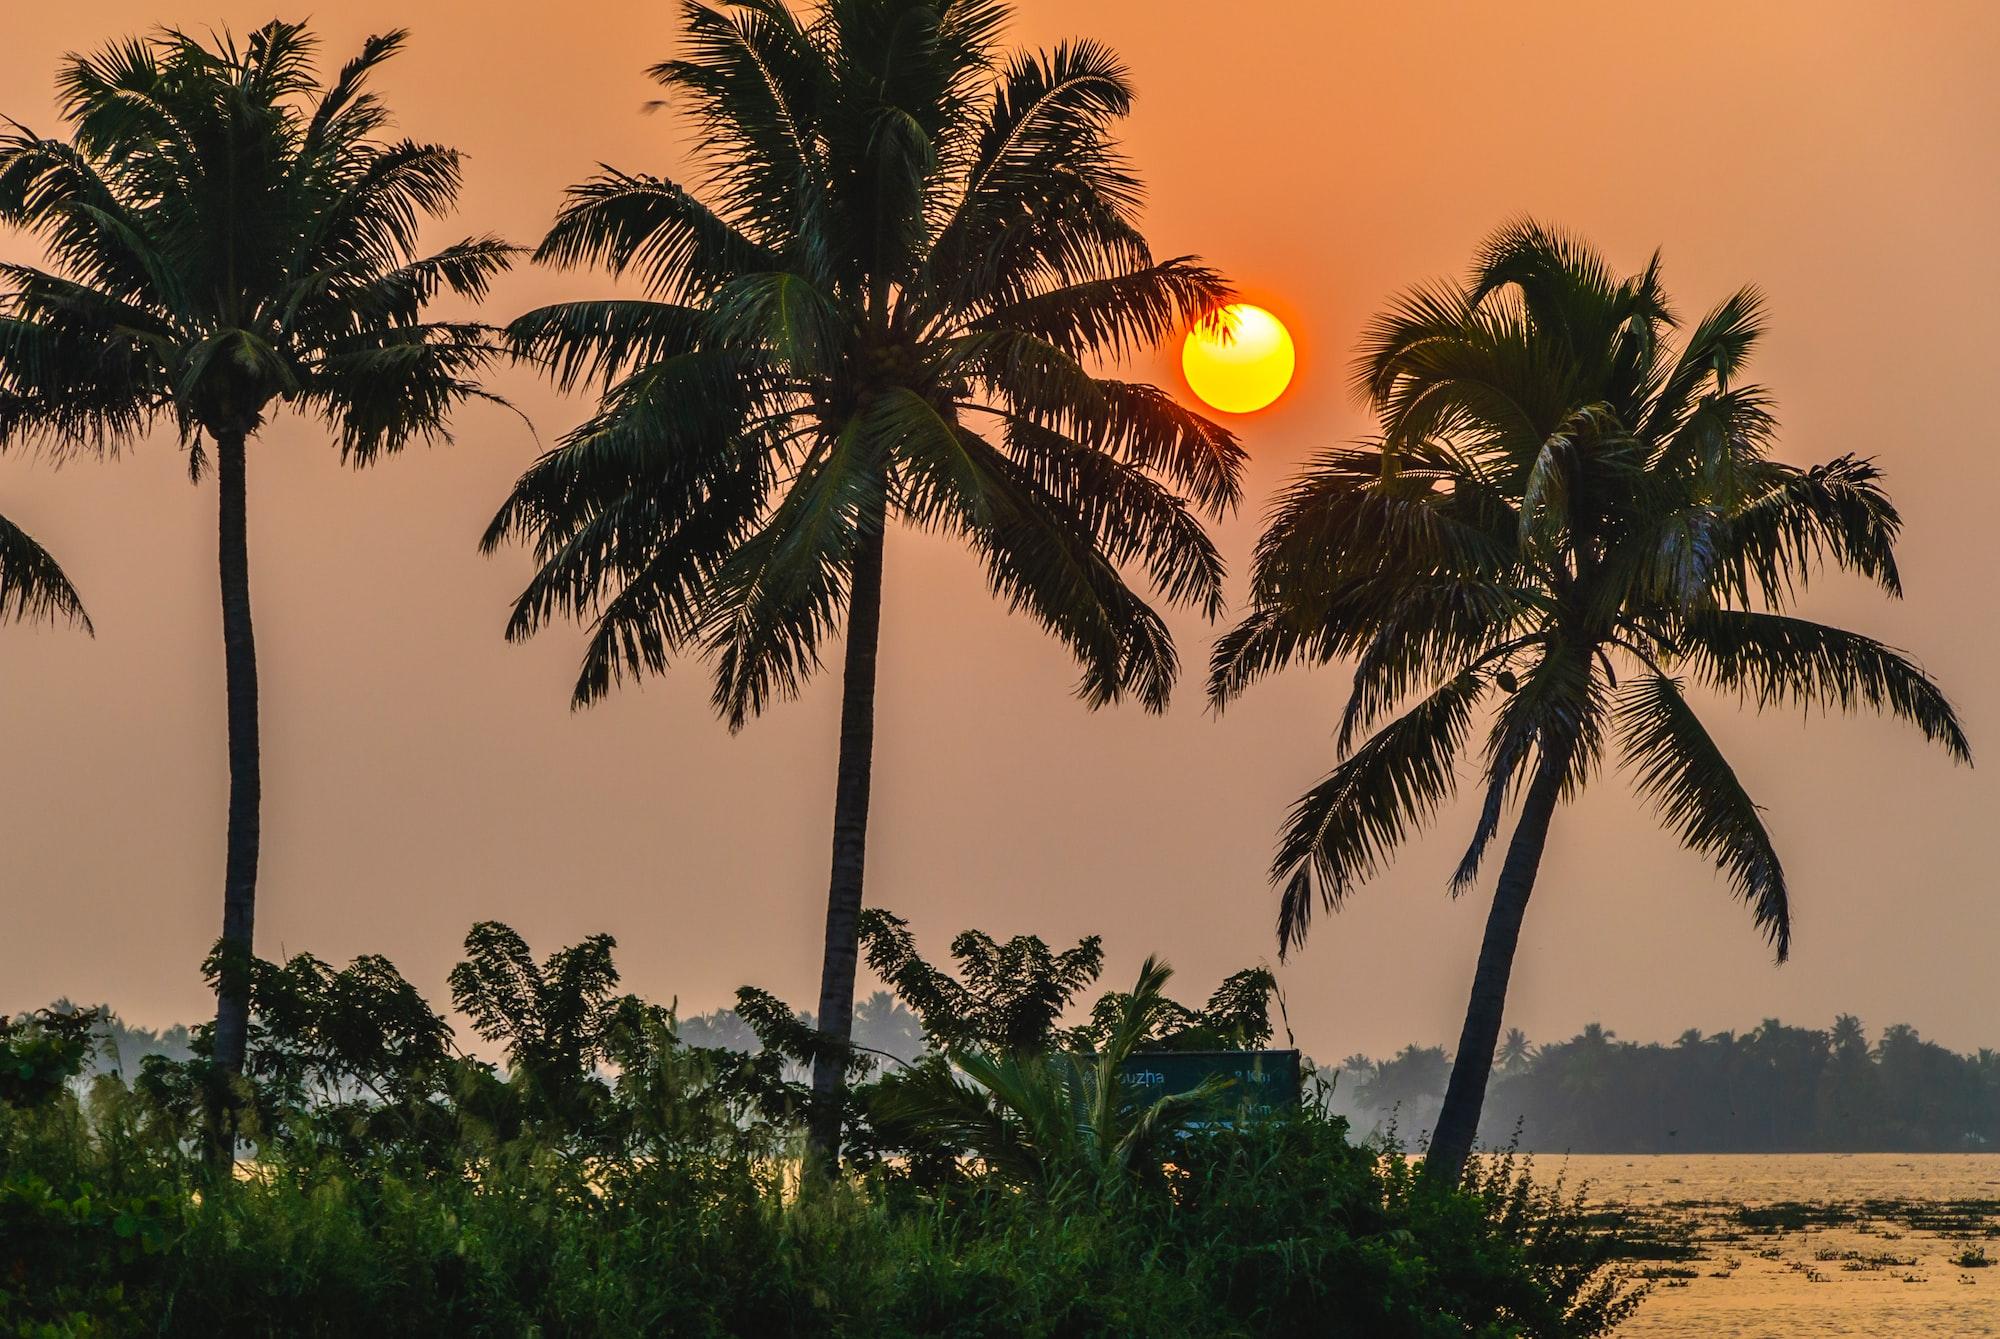 At the Backwaters, Kerala - South India